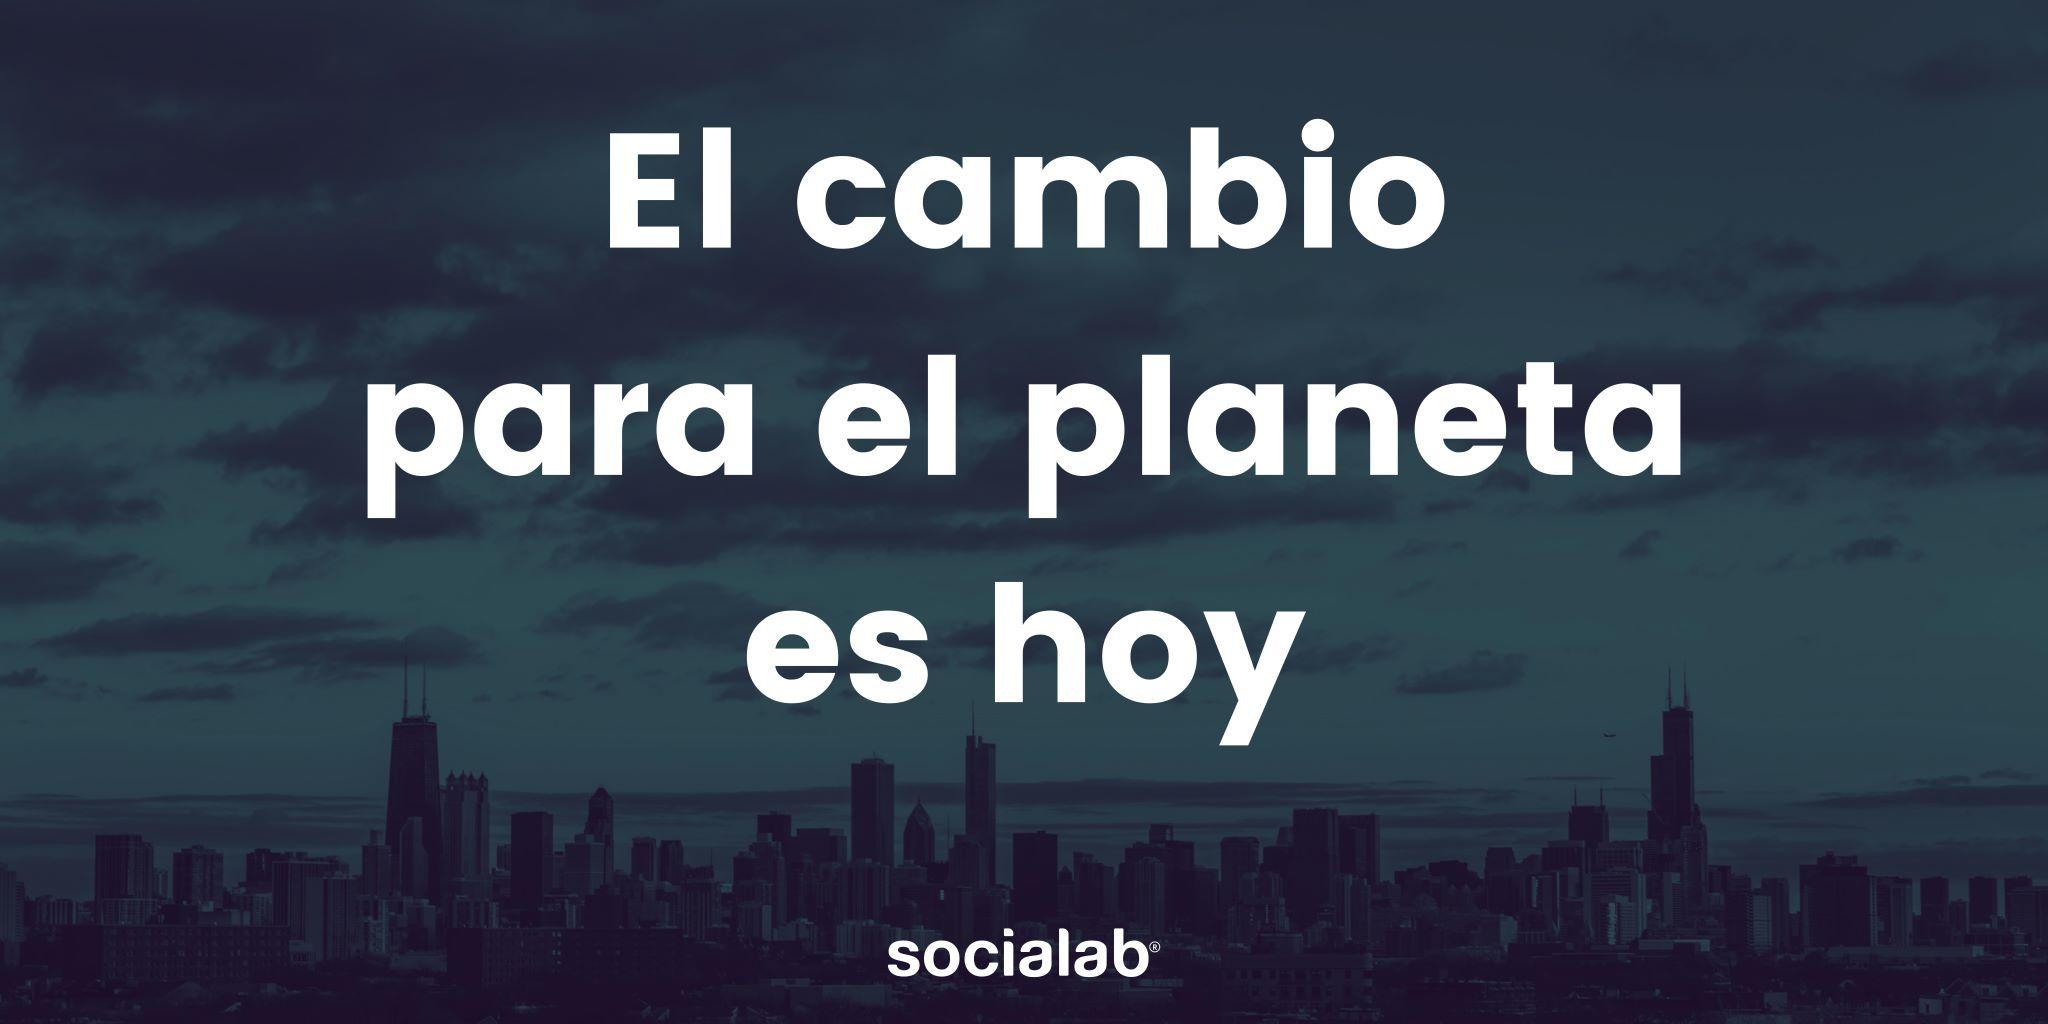 El cambio para el planeta es hoy